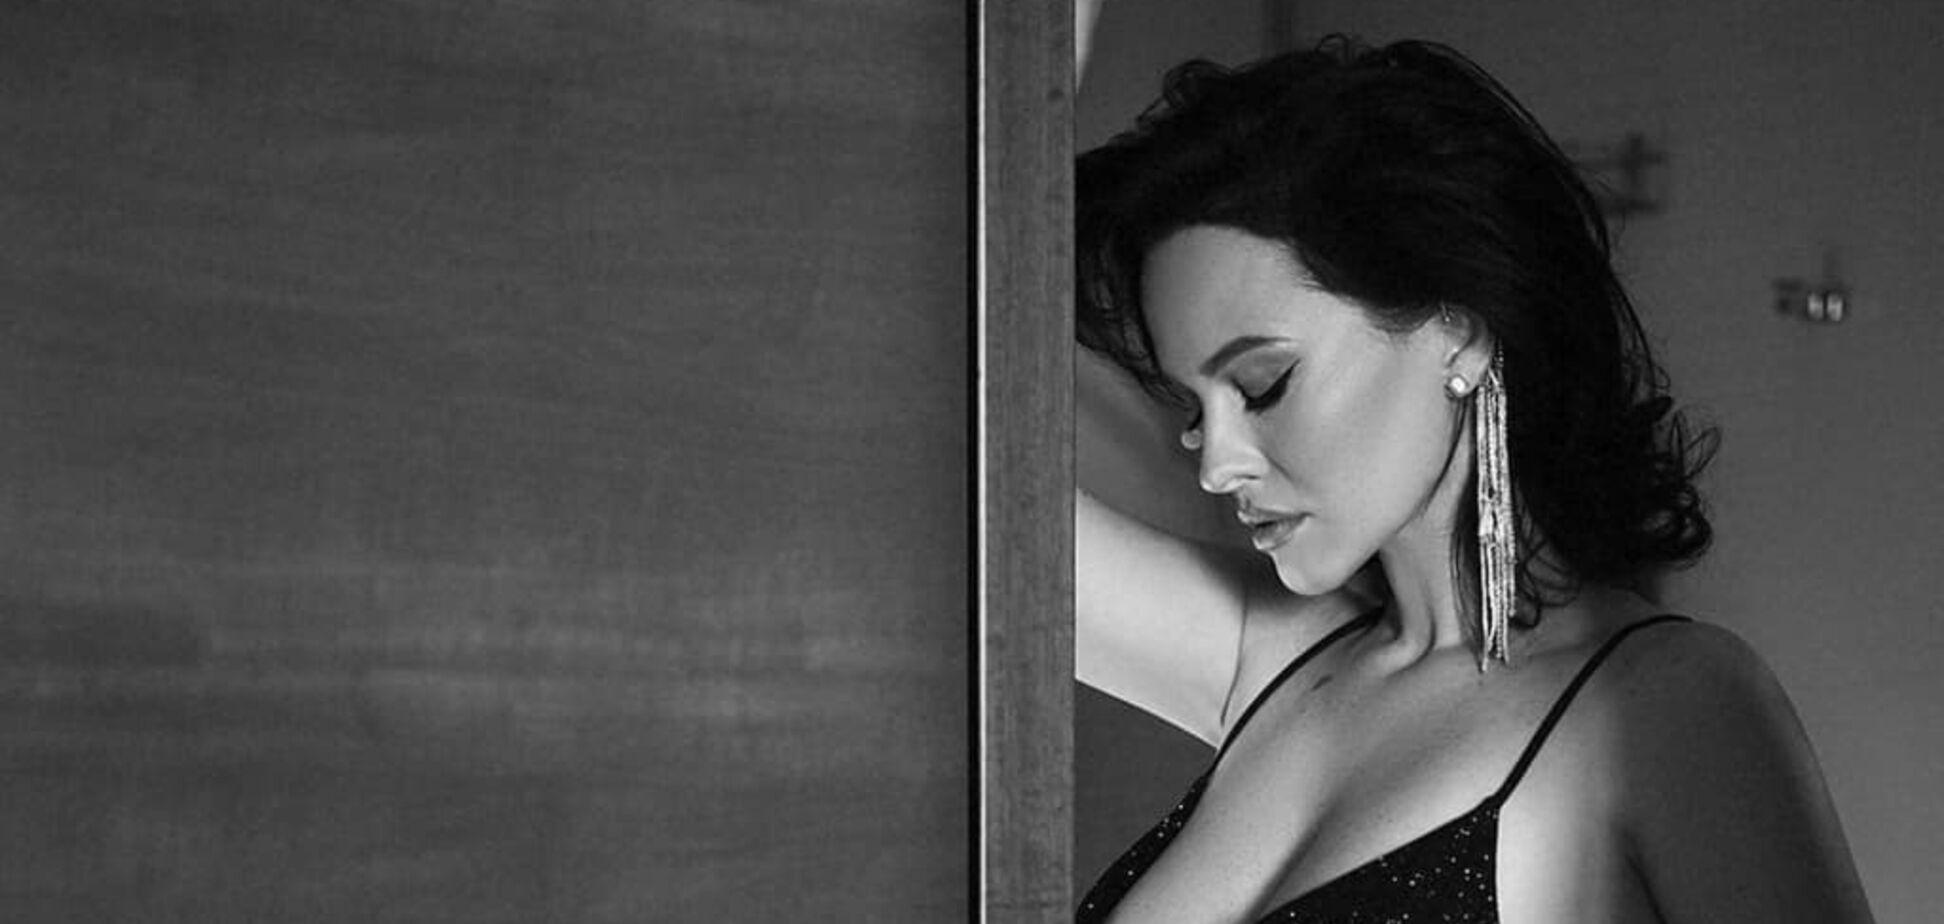 Астафьева в полупрозрачном бюстгальтере снялась в черно-белой фотосессии